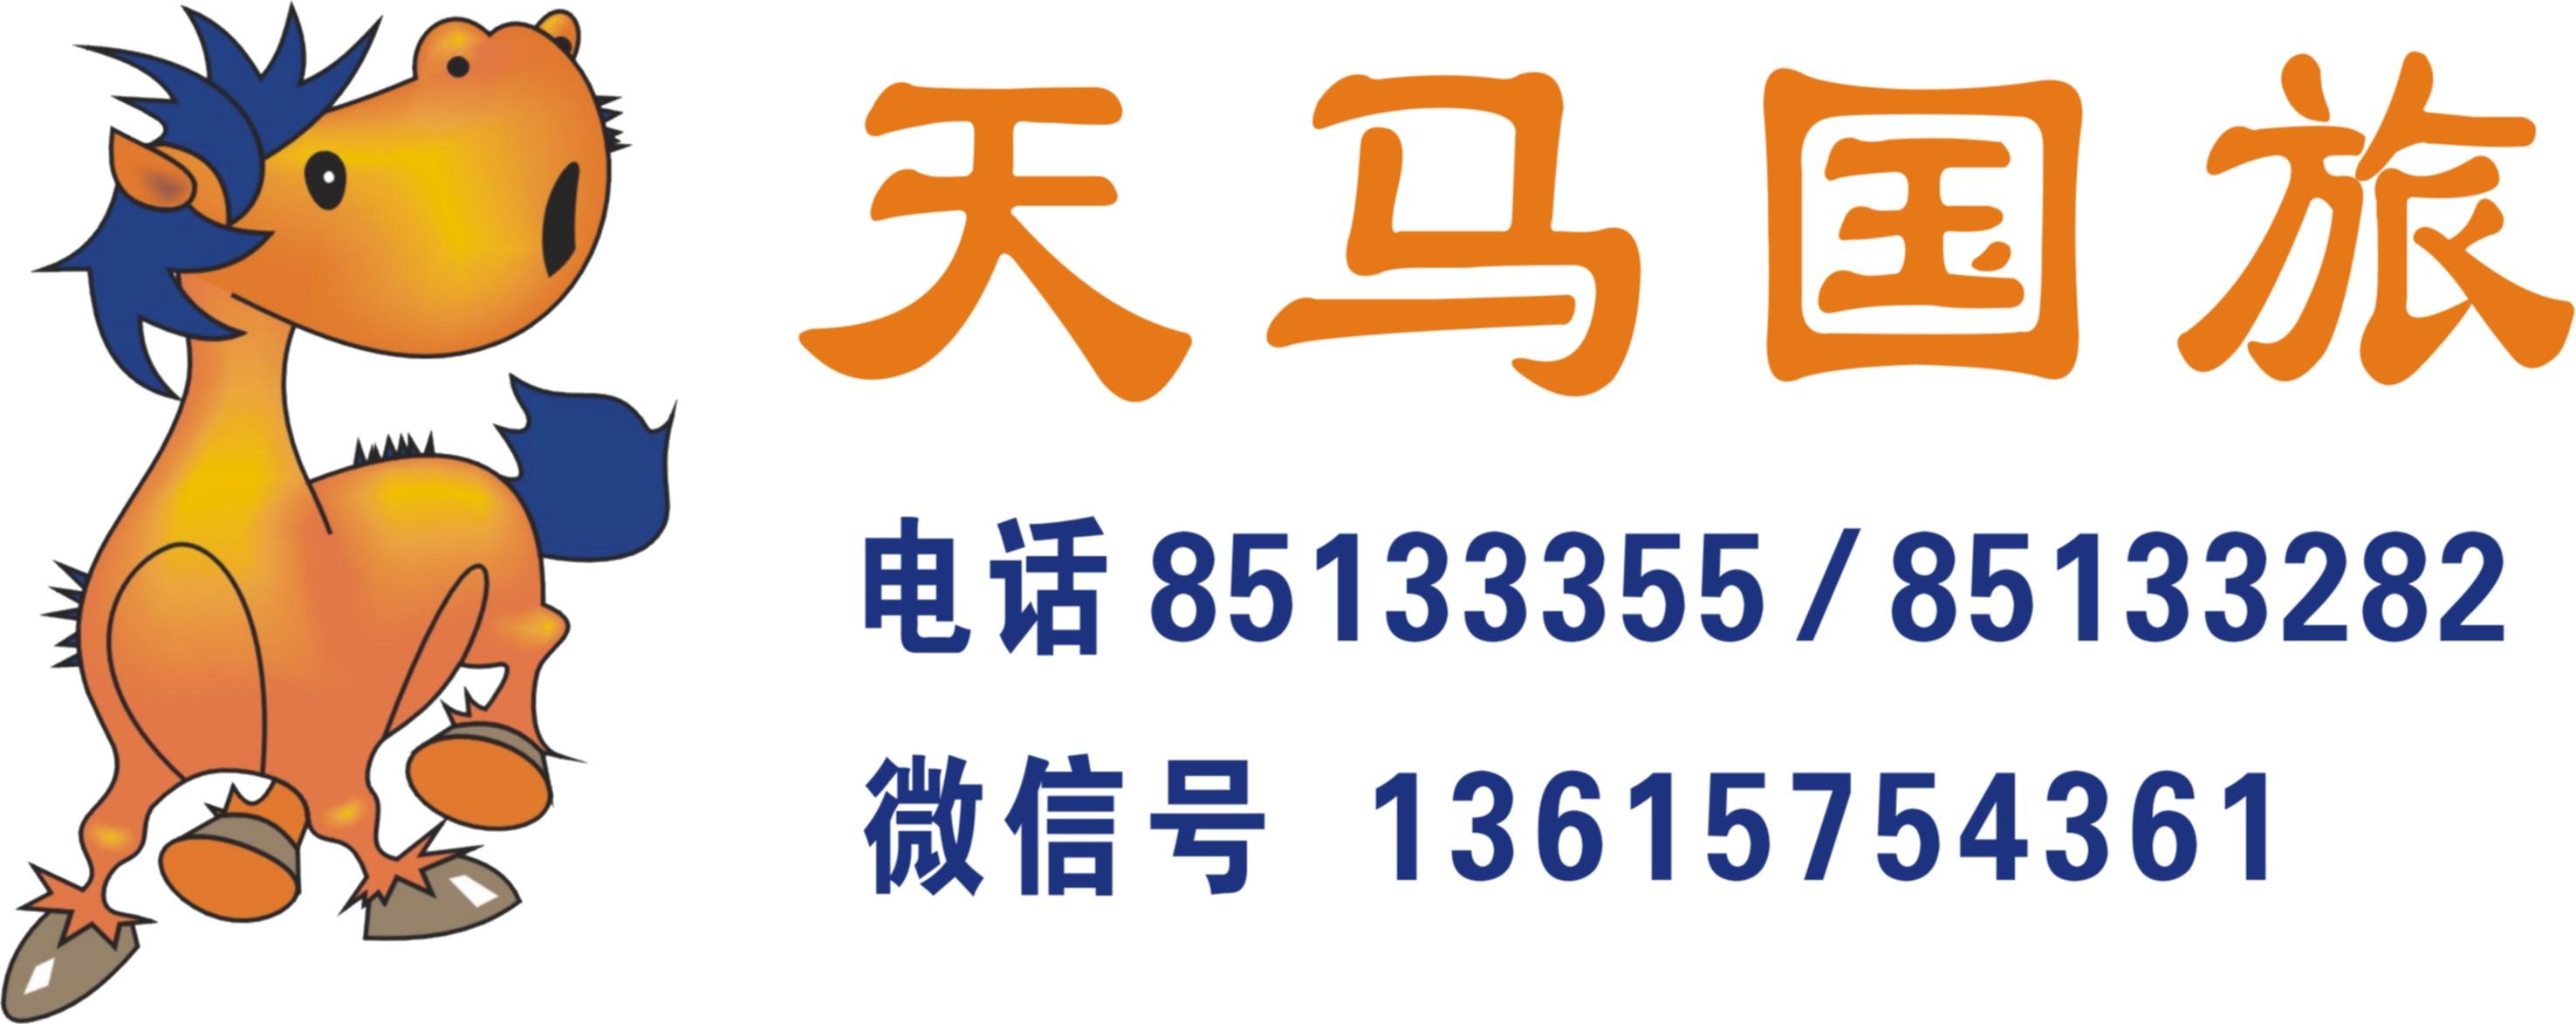 6月【五星云南-昆明大理丽江双飞6日】一晚五星温泉酒店